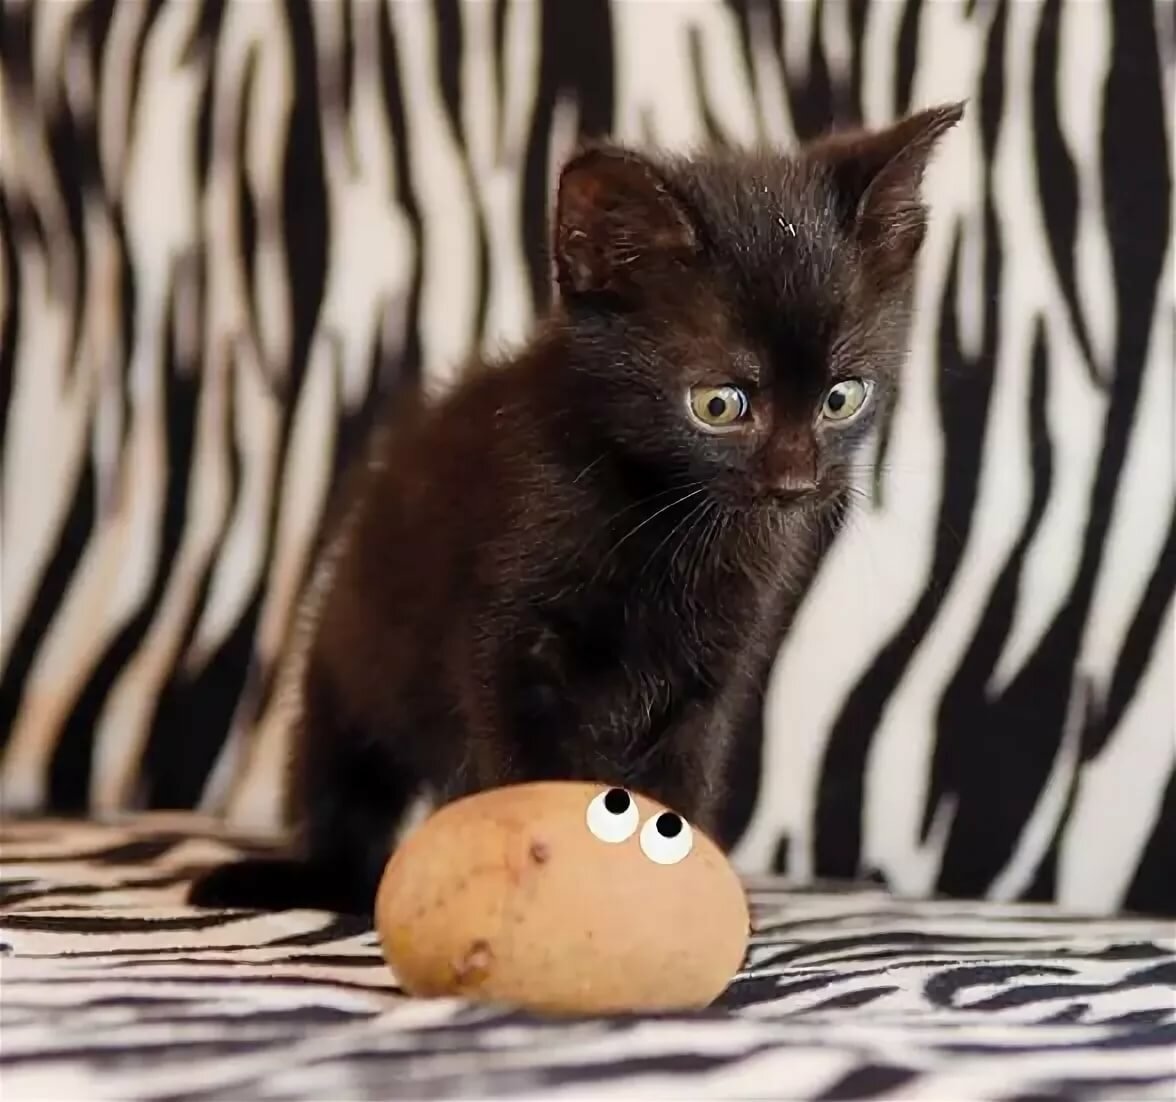 ржачные картинки с кошками и надписью крутая выложила